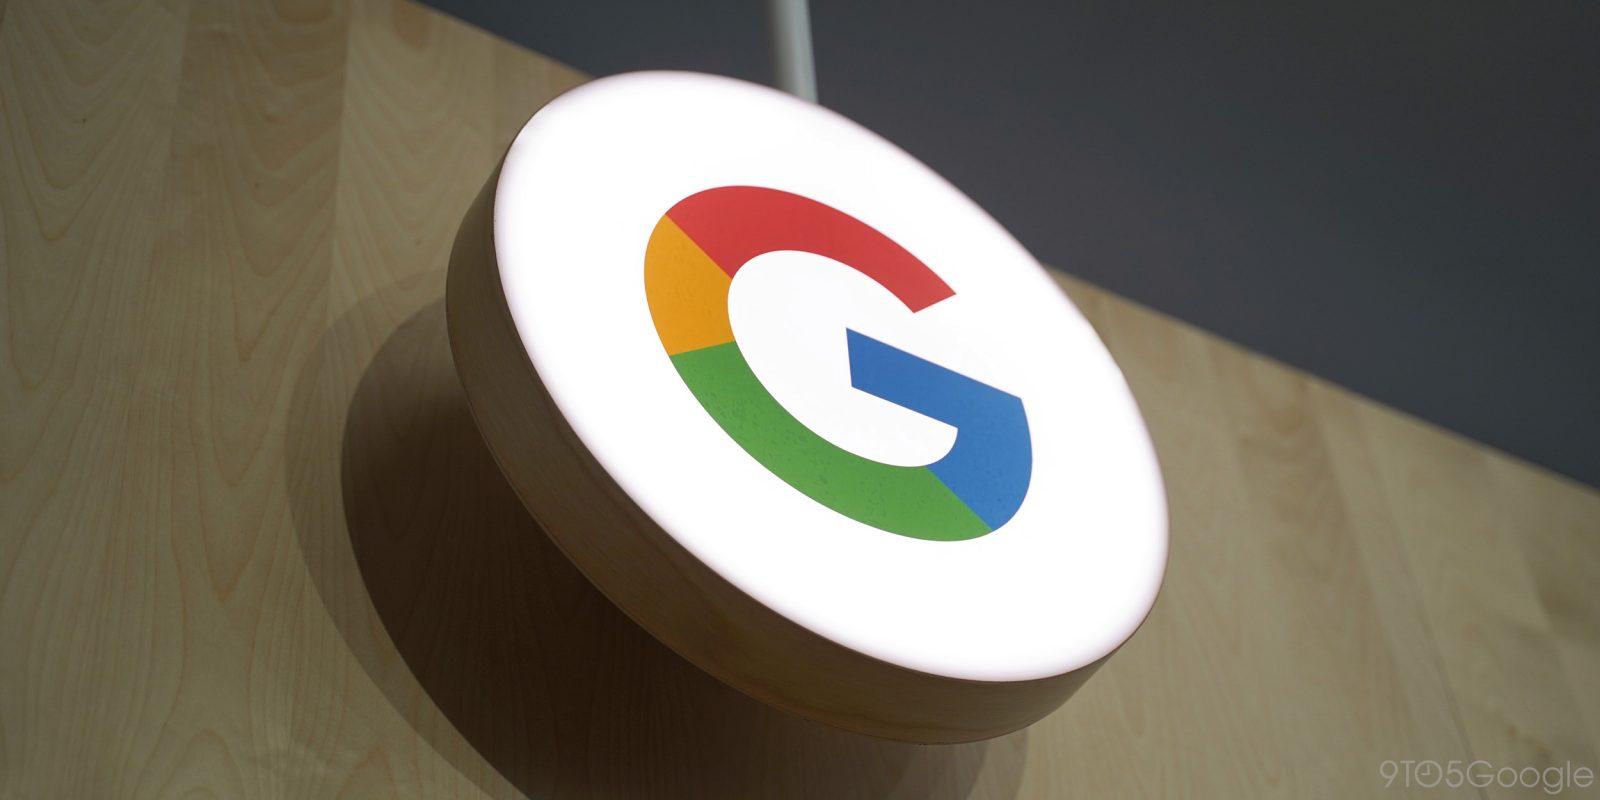 Составлен протокол об административном правонарушении в отношении Google